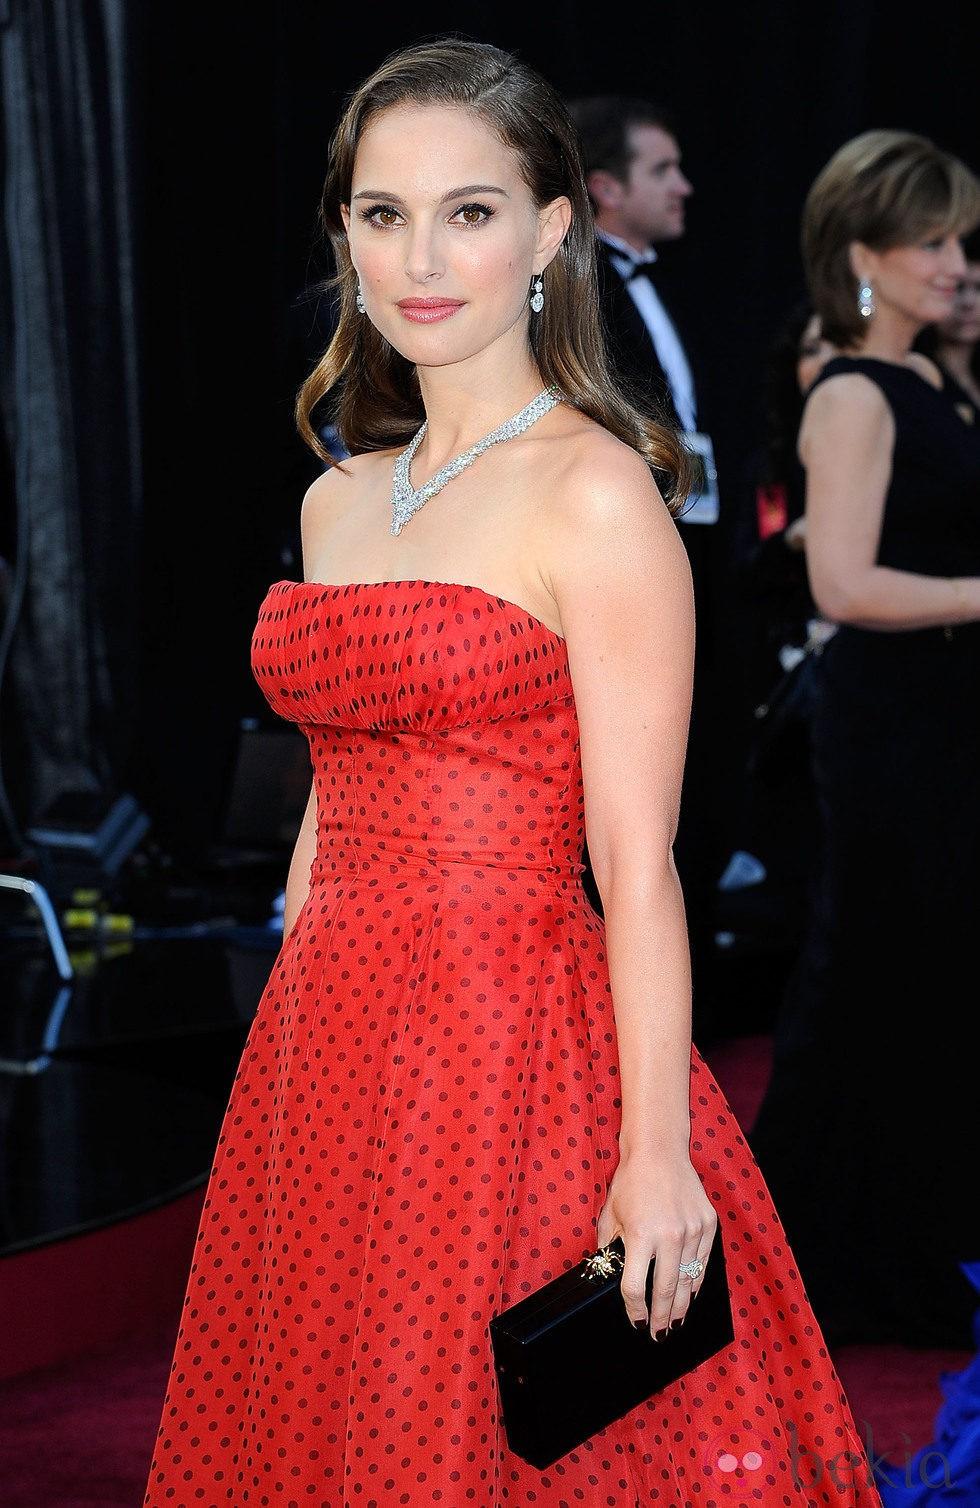 Natalie Portman en la llegada a la gala de los Oscar 2012